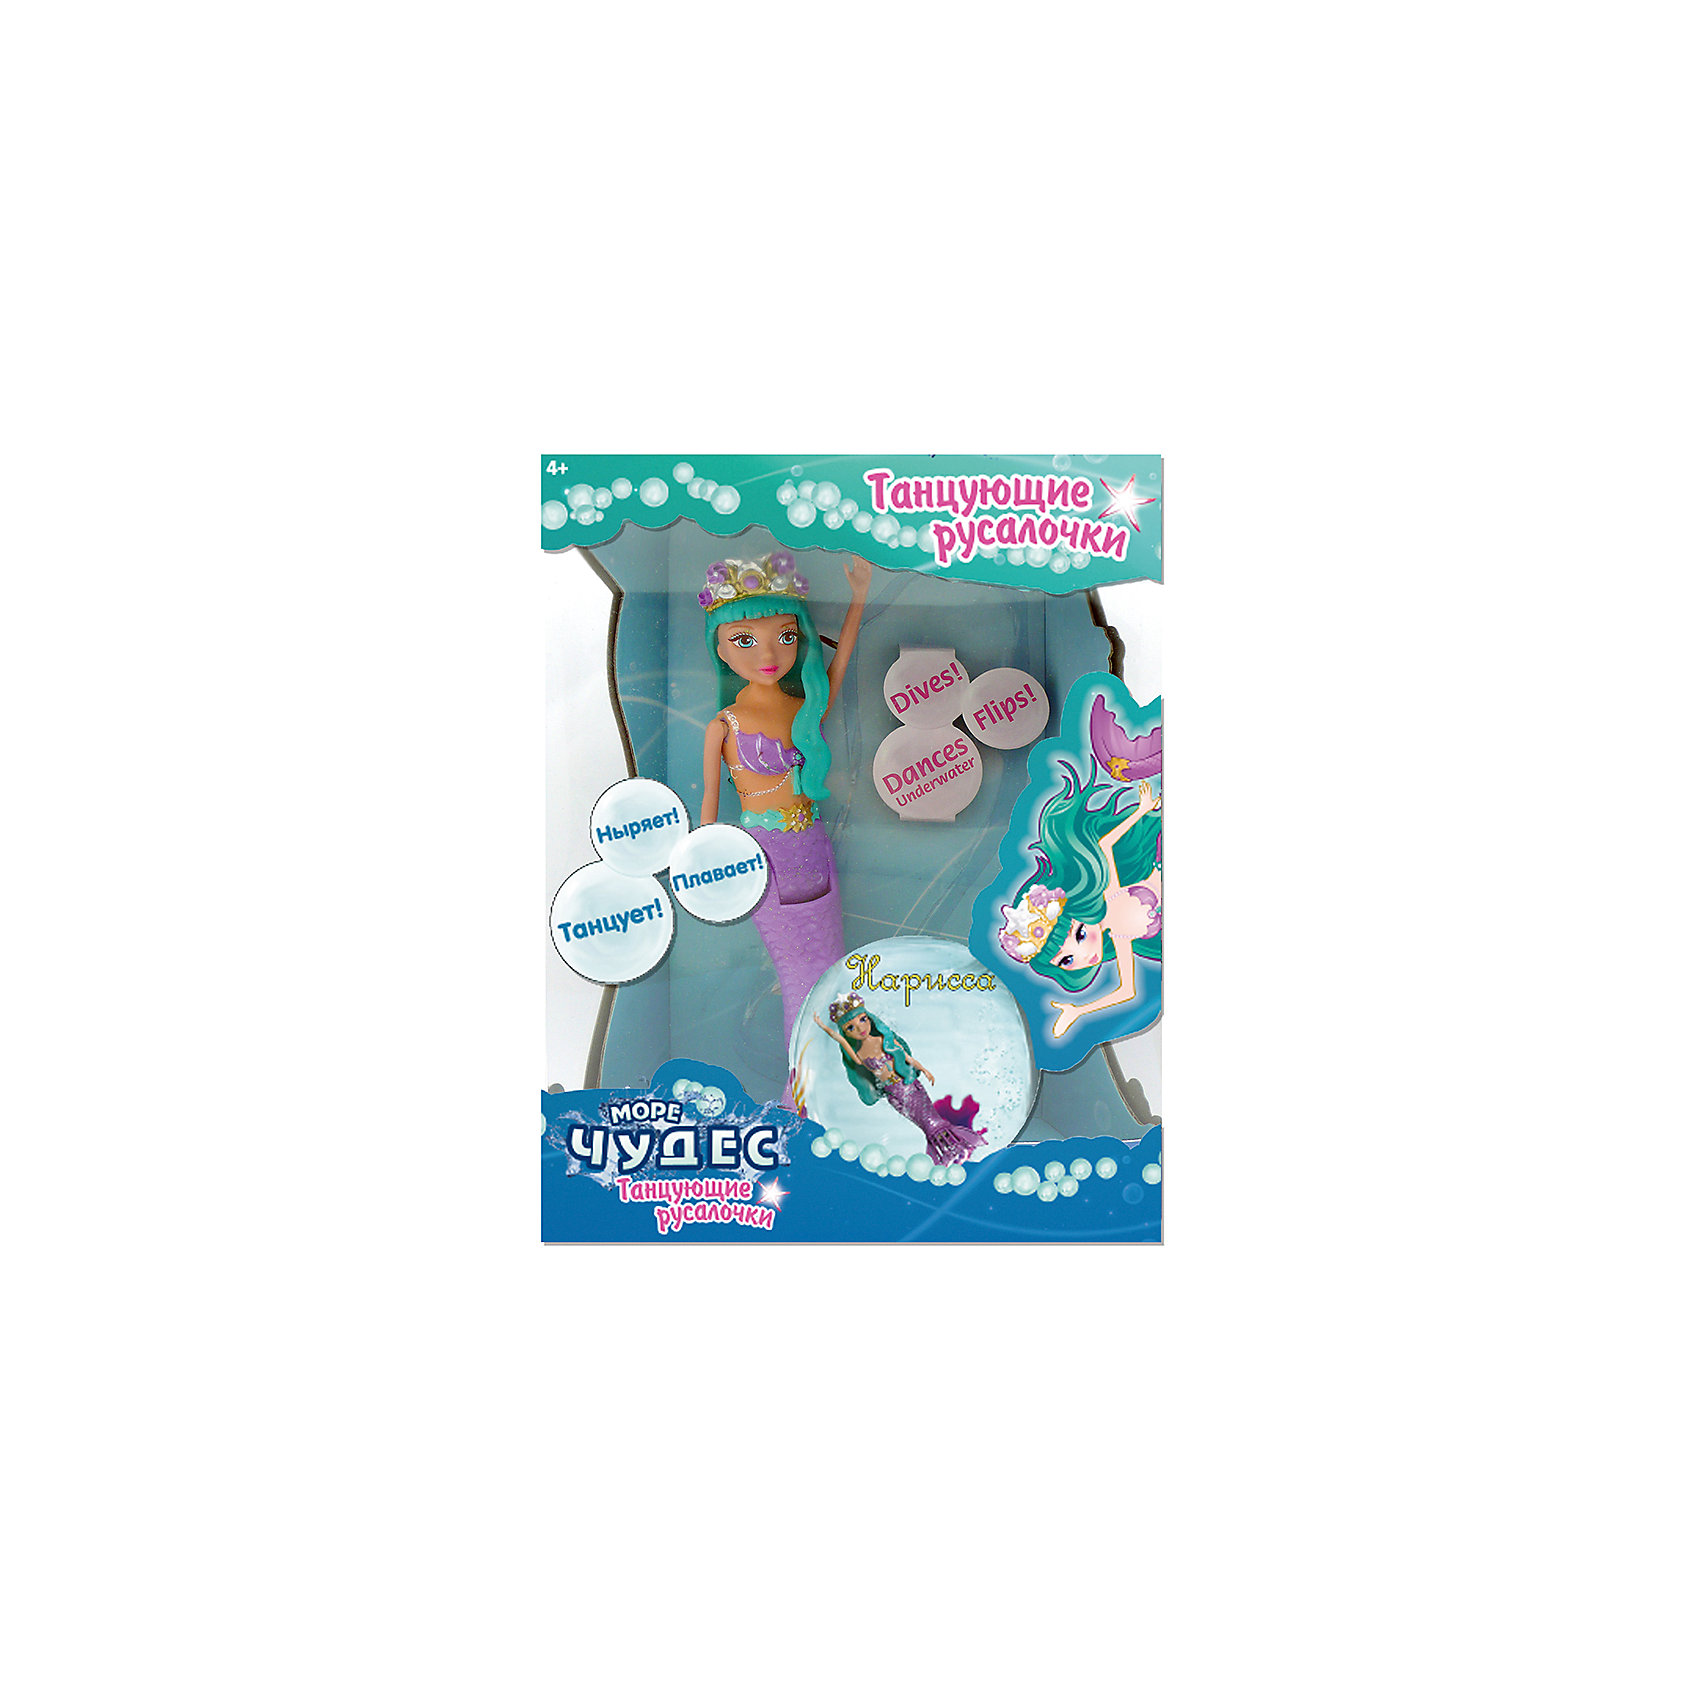 Море чудес Танцующая русалочка Нарисса, Море чудес интерактивные игрушки море чудес грот танцующей русалочки